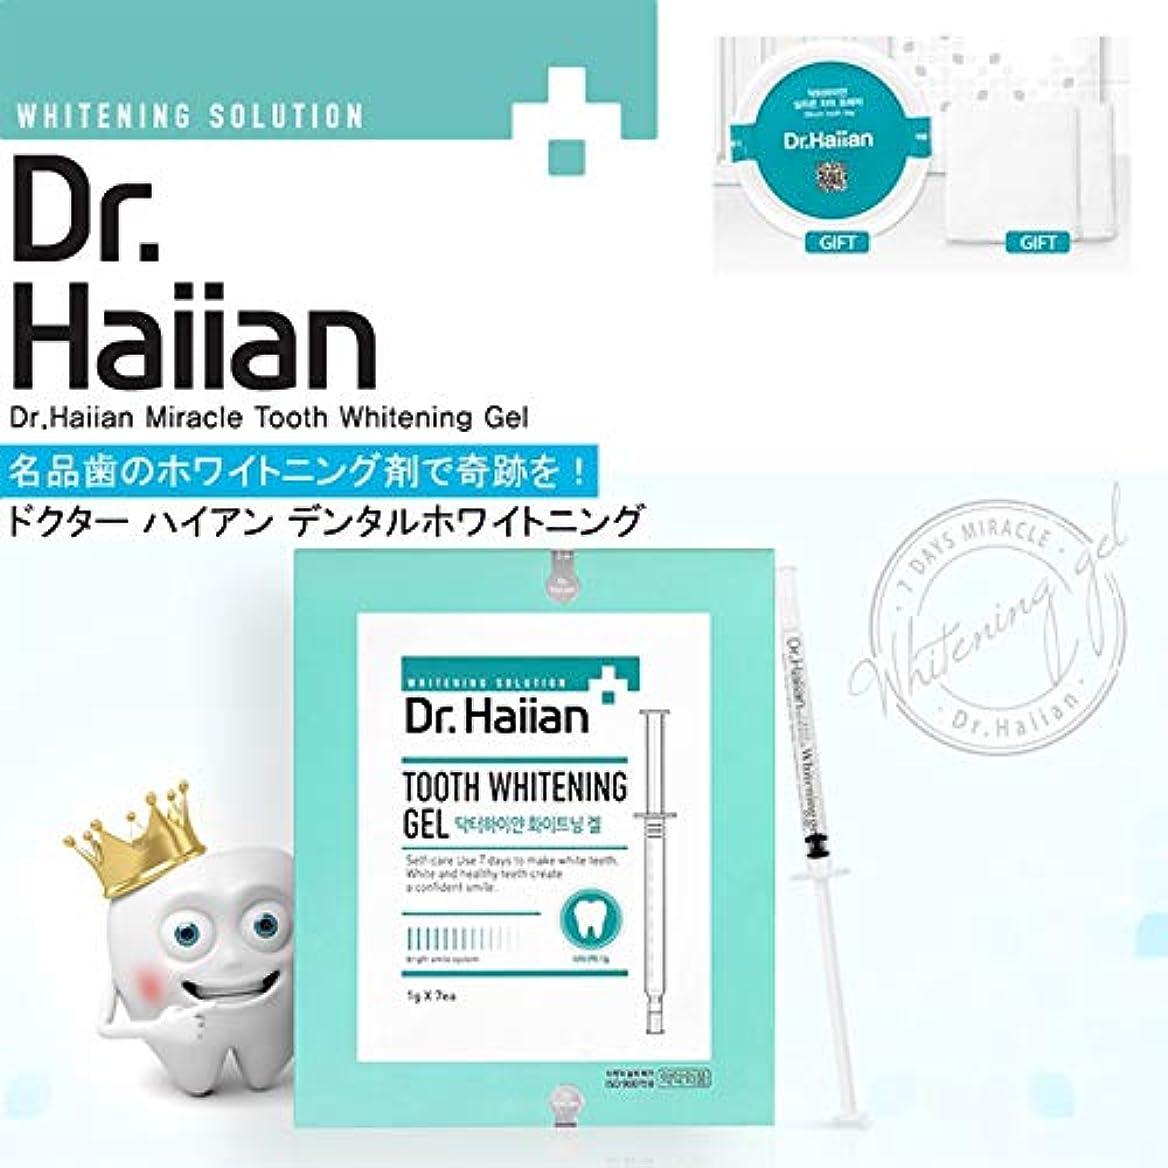 ヘロイン再集計ごちそう[SAMSUNG PHARM]Dr.Haiian 7Days Miracle/7日間の奇跡 [SAMSUNG PHARM]白い歯を管理するための/使ったら歯が白くなる!/Self-Teeth Whitening Agent...